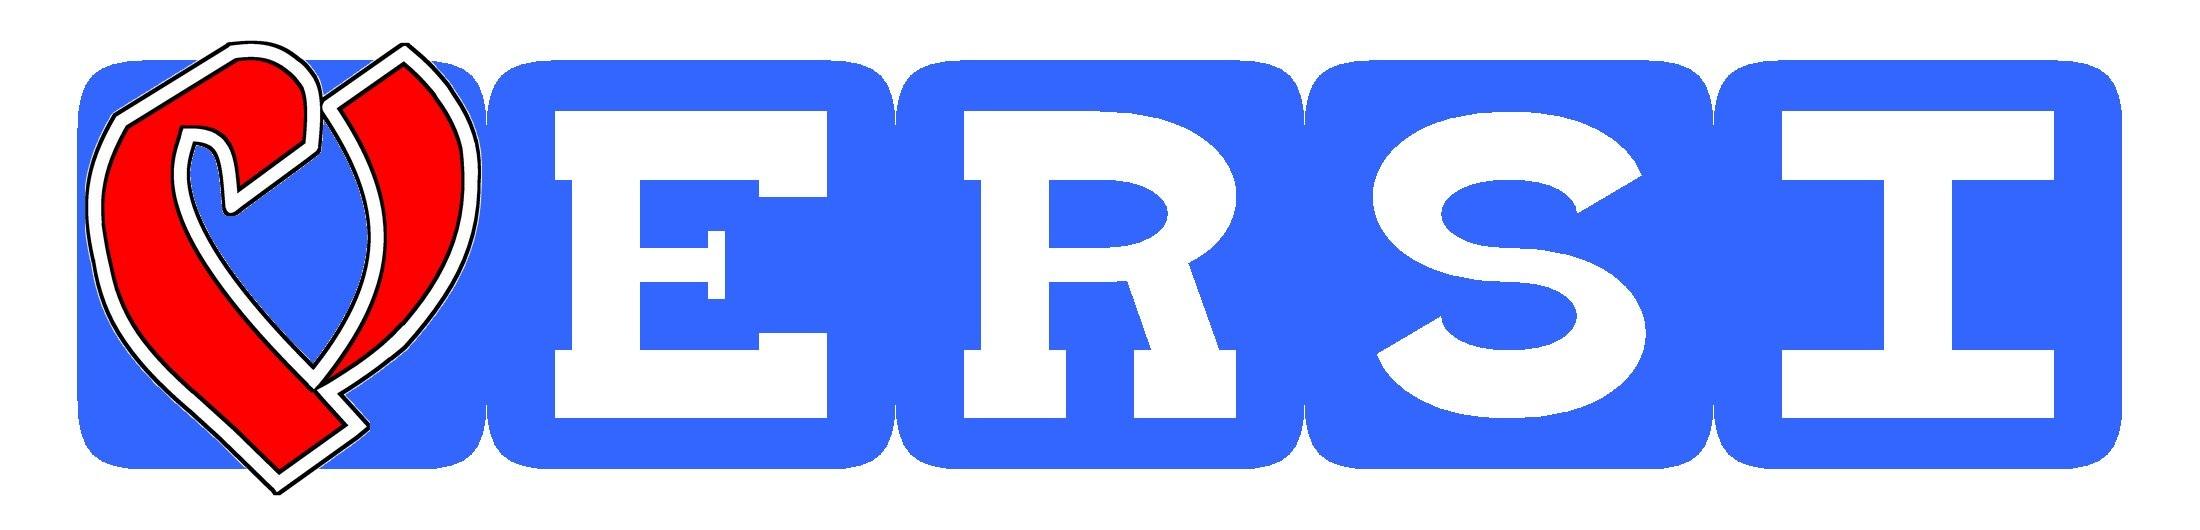 n_logo_VERSI